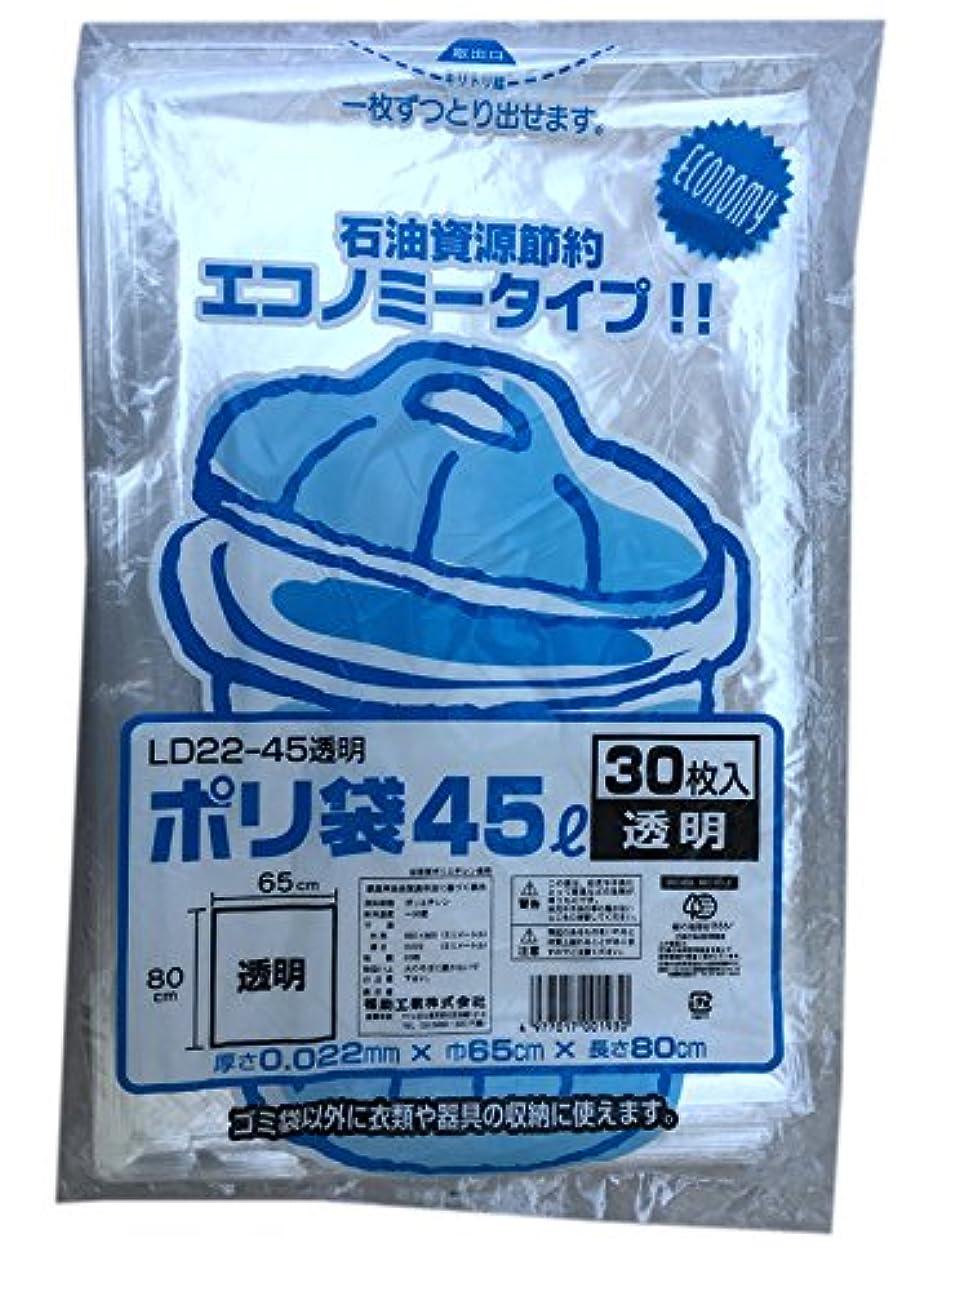 画像悪性給料業務用 ゴミ袋 45L(30枚入り)5ケース(3000枚) LD22-45 透明 0.022×巾650×長さ800mm